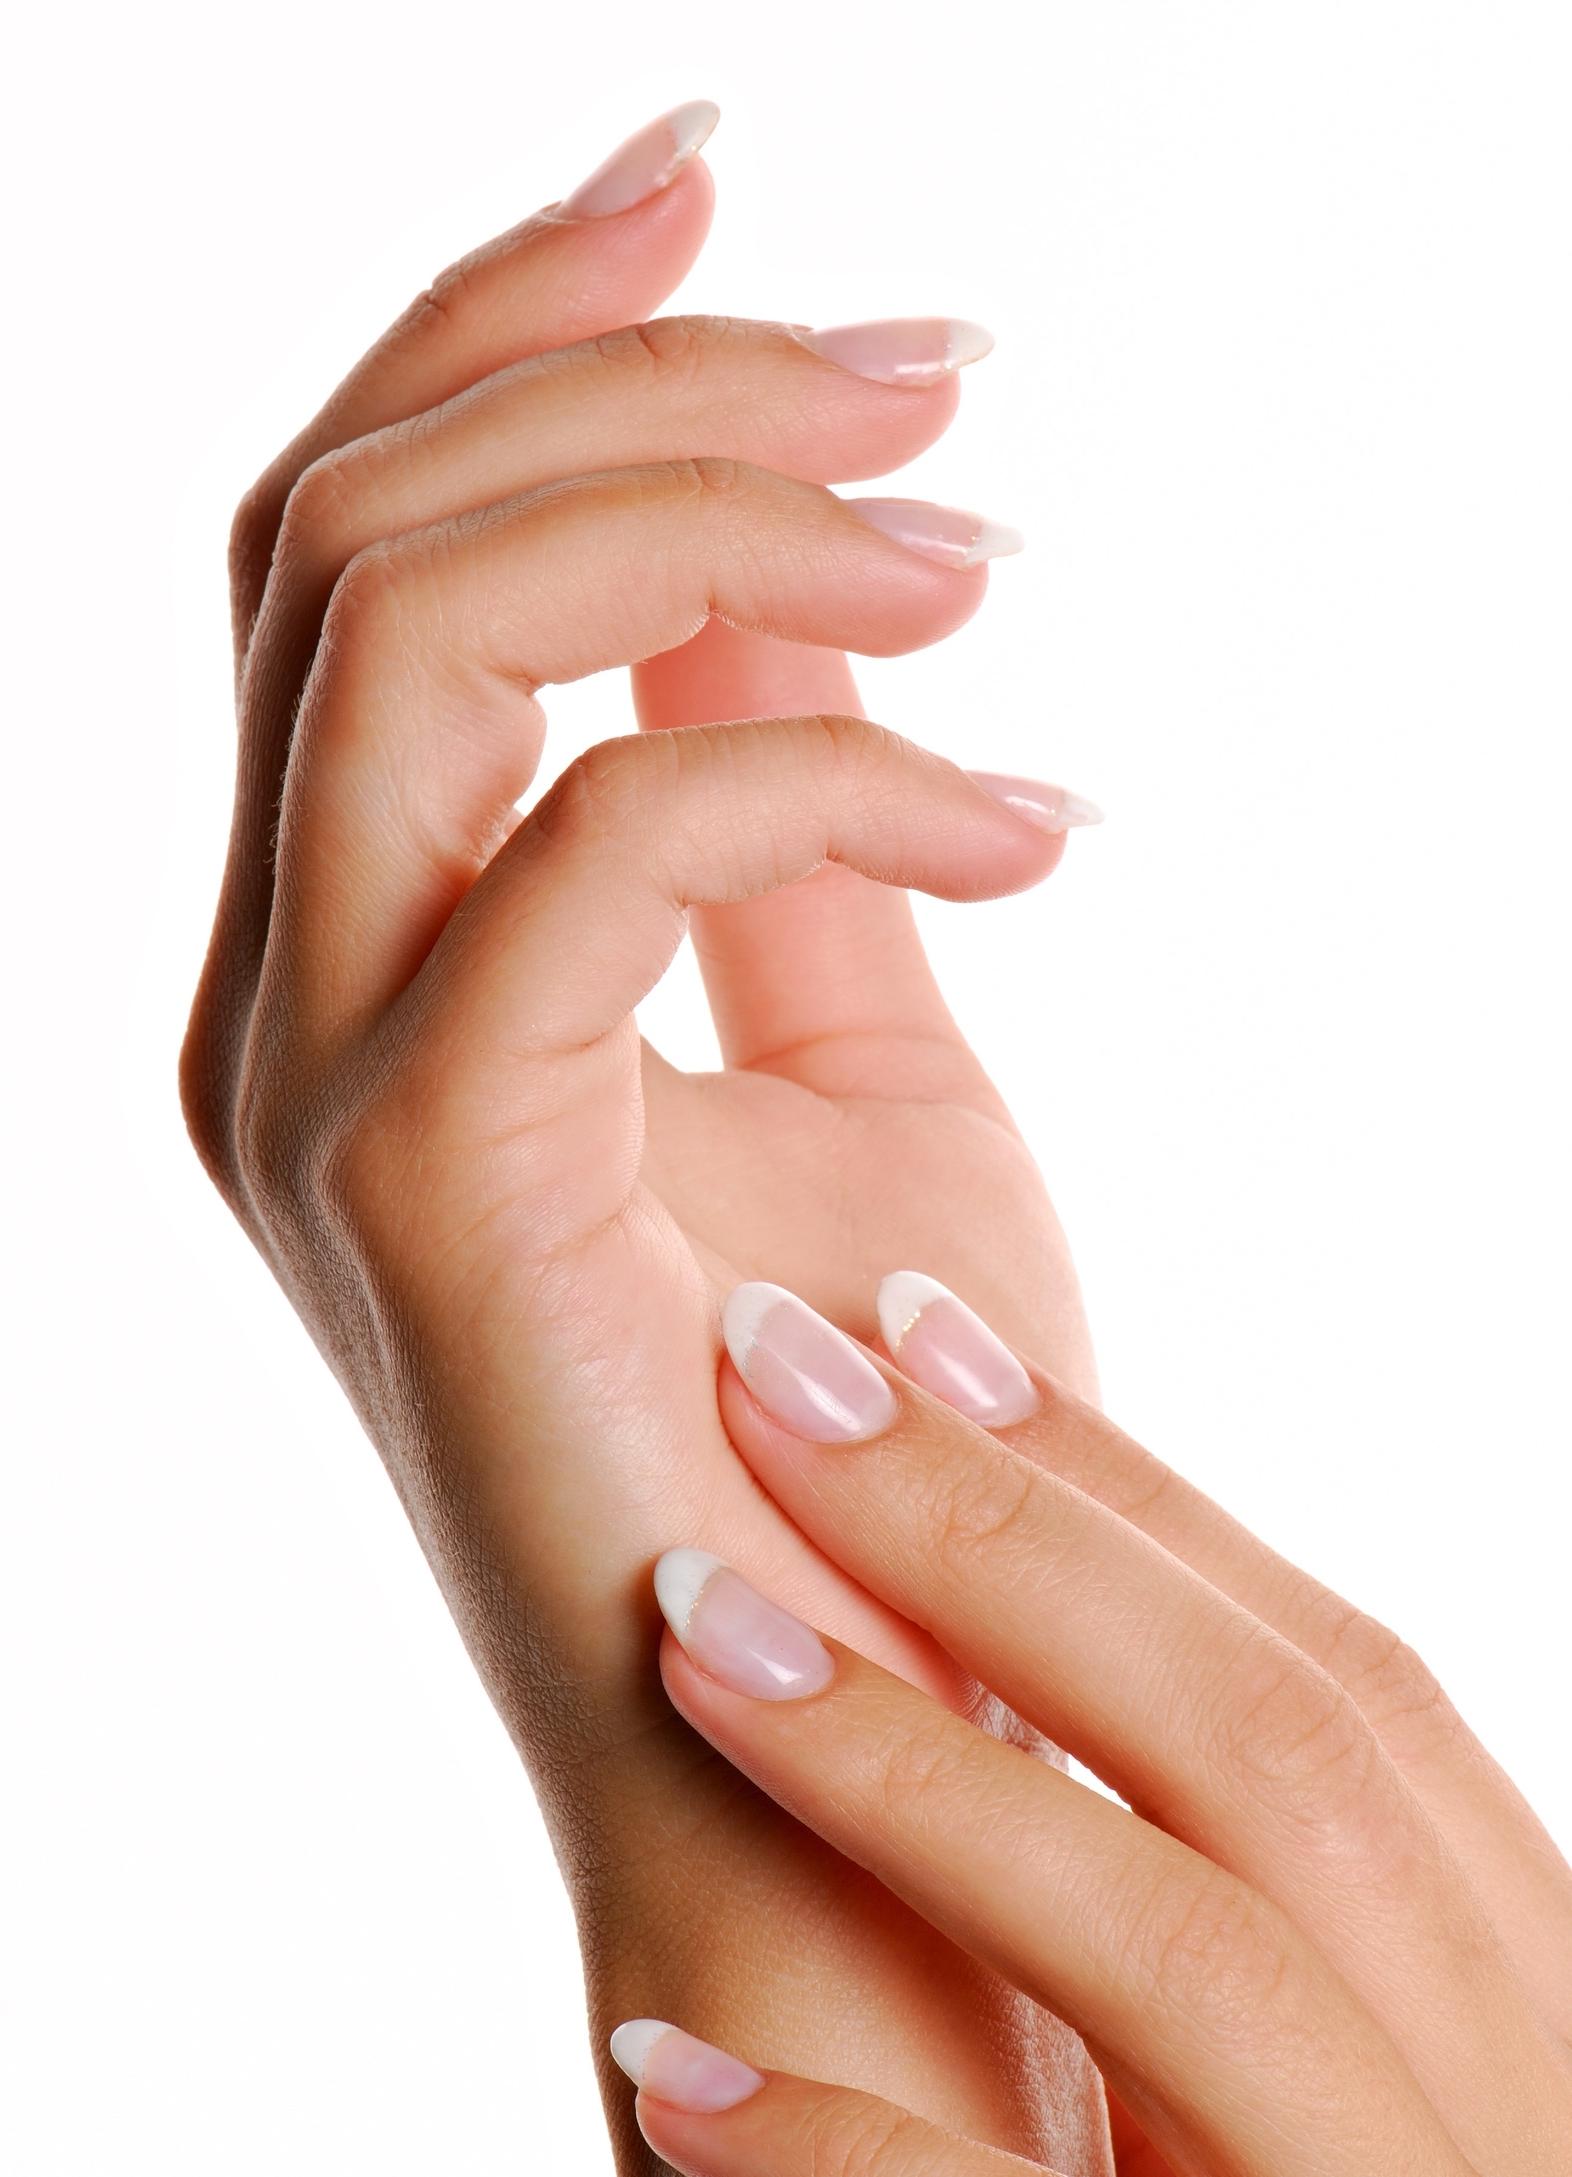 картинки с ногтями красивыми на руках без фона